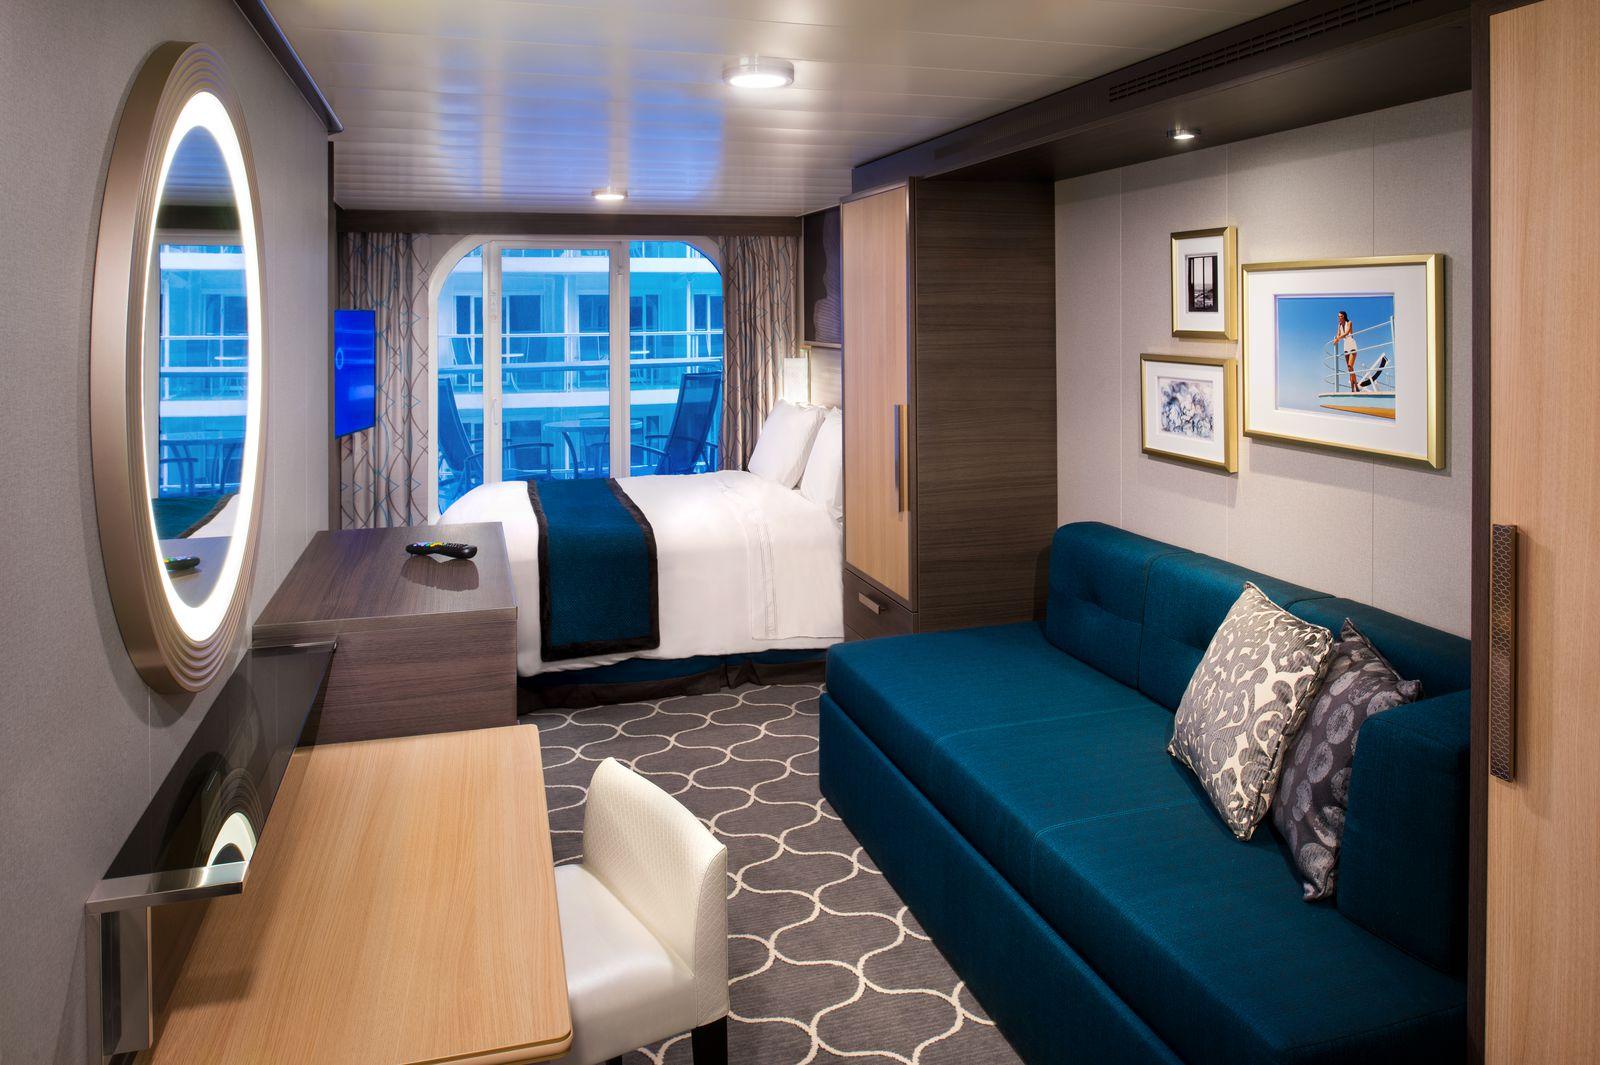 Royal Caribbean Harmony of the Seas Accommodation CentralParkViewBalcony.jpg